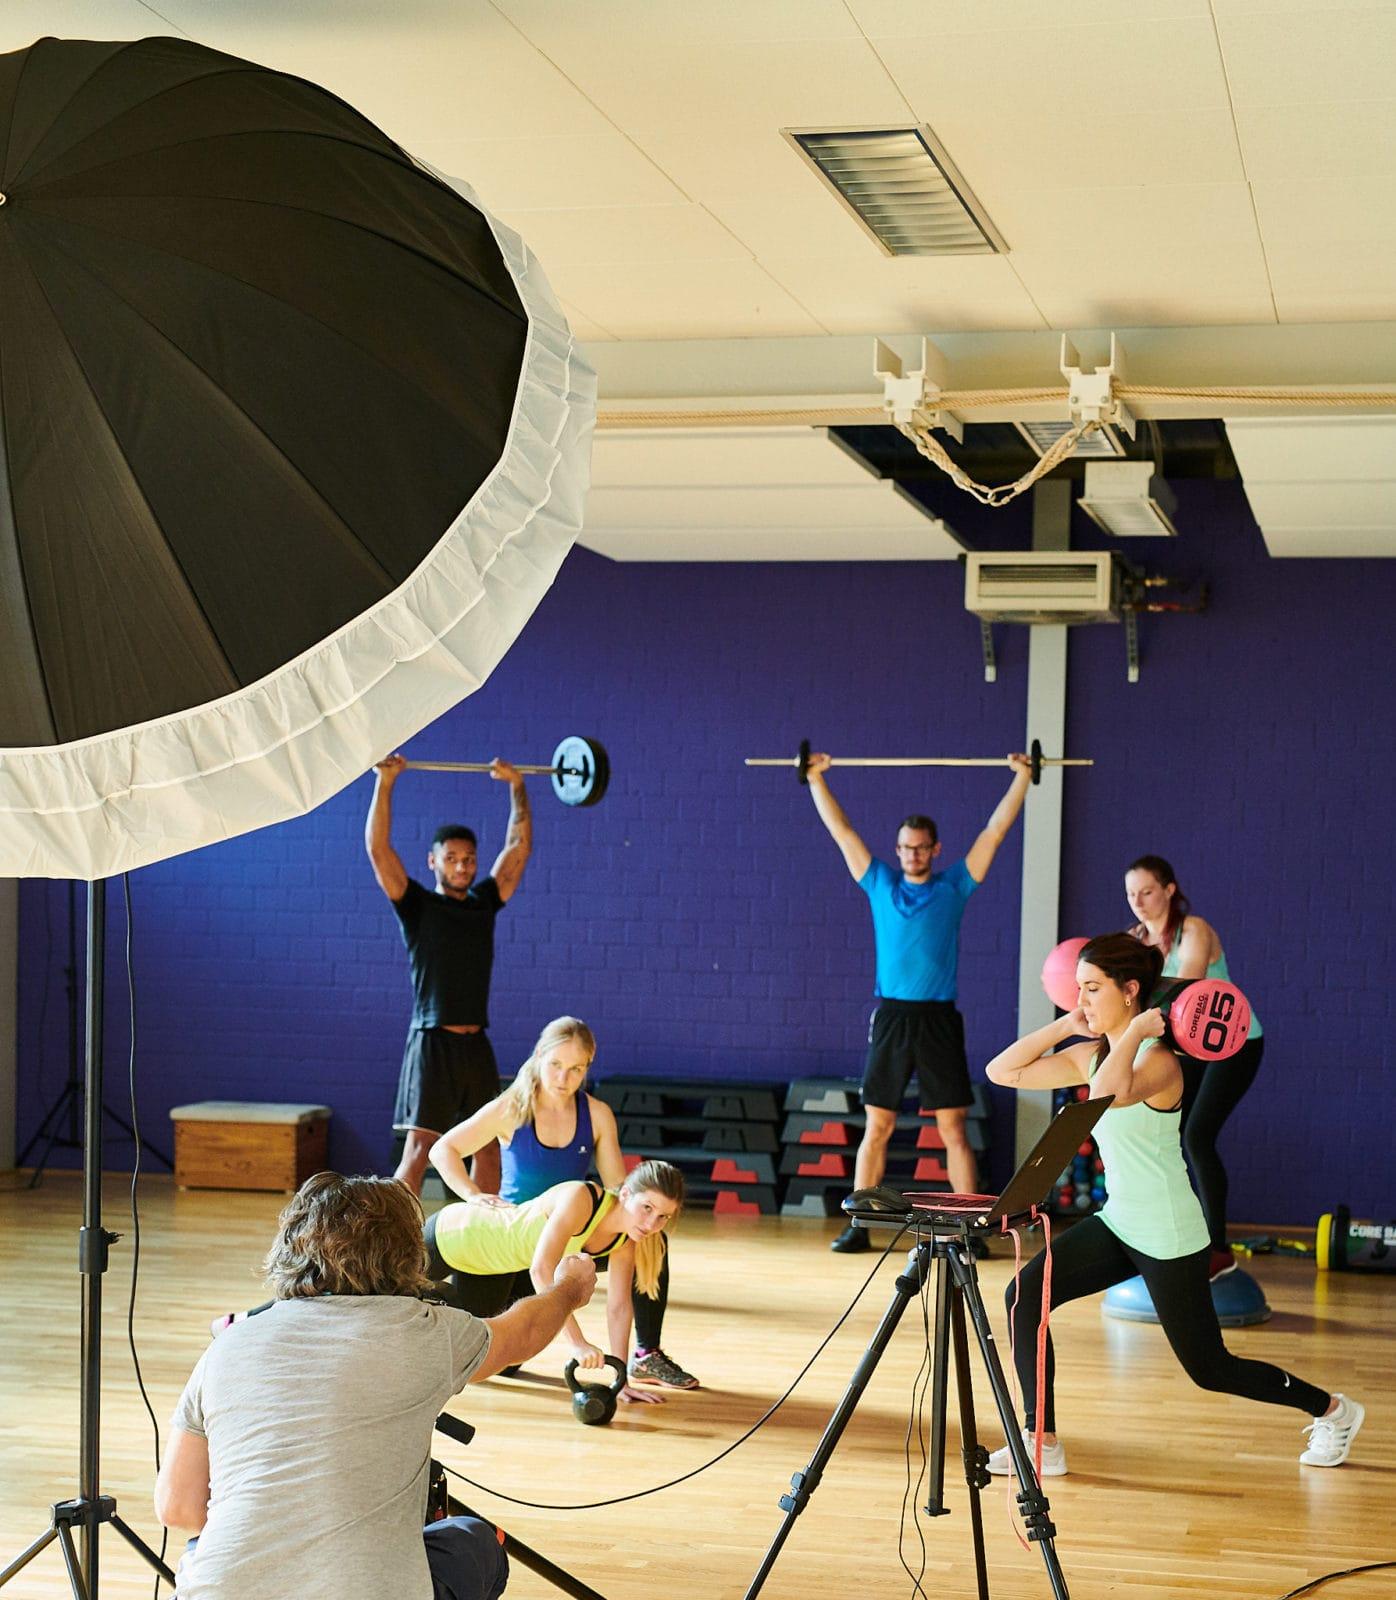 Shooting Location Sporthalle Werbung Fotograf